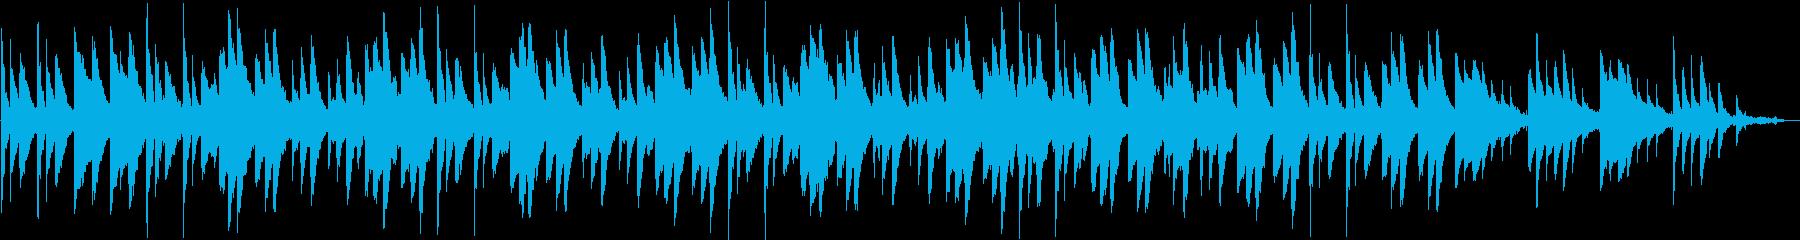 和気藹々とした城下町のケルト音楽の再生済みの波形